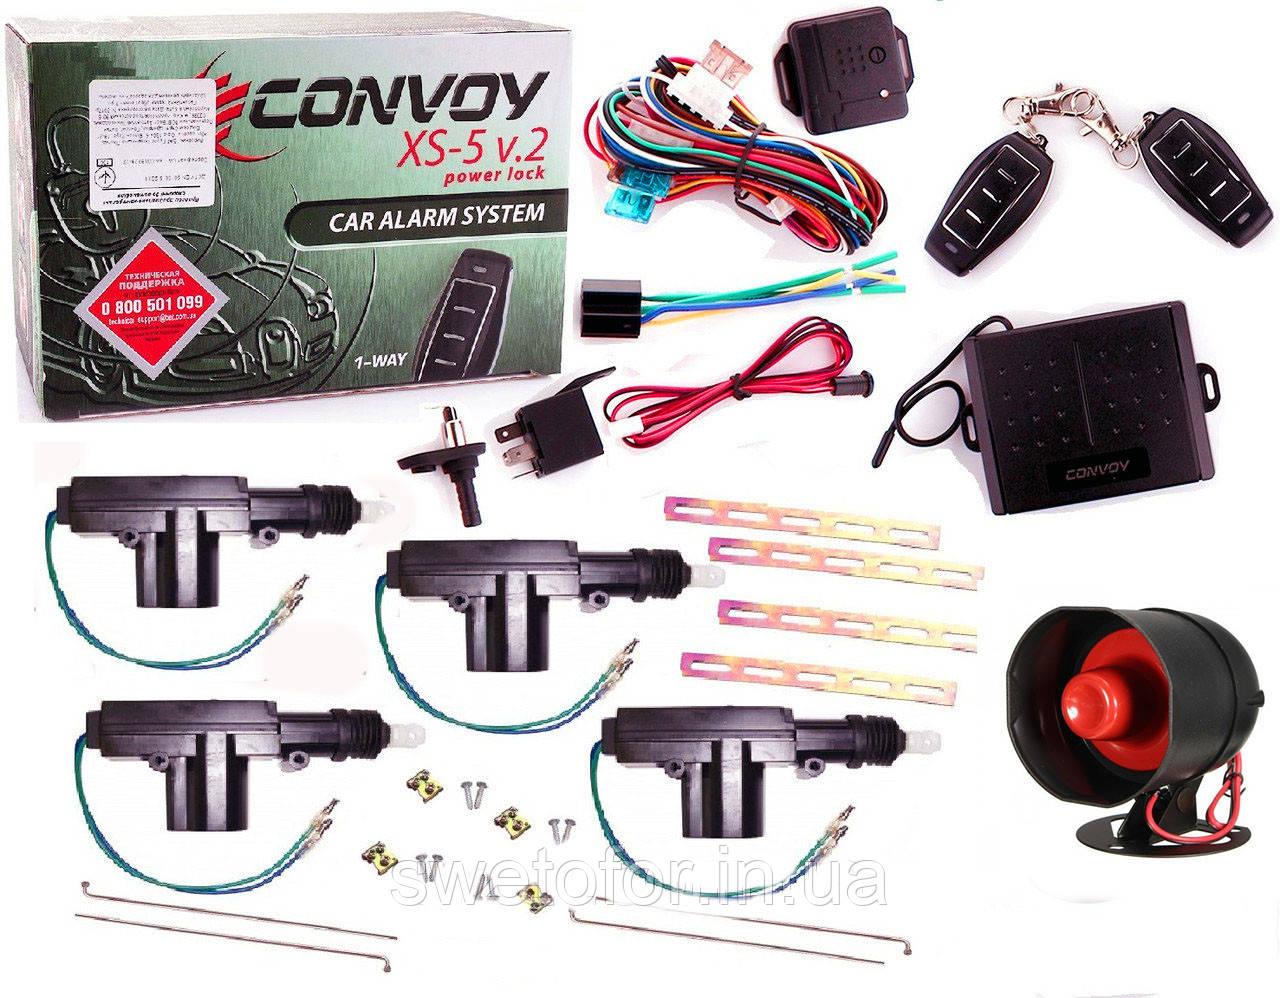 Полный комплект Авто сигнализация Convoy XS-5 v.2 сирена и центральный замок.